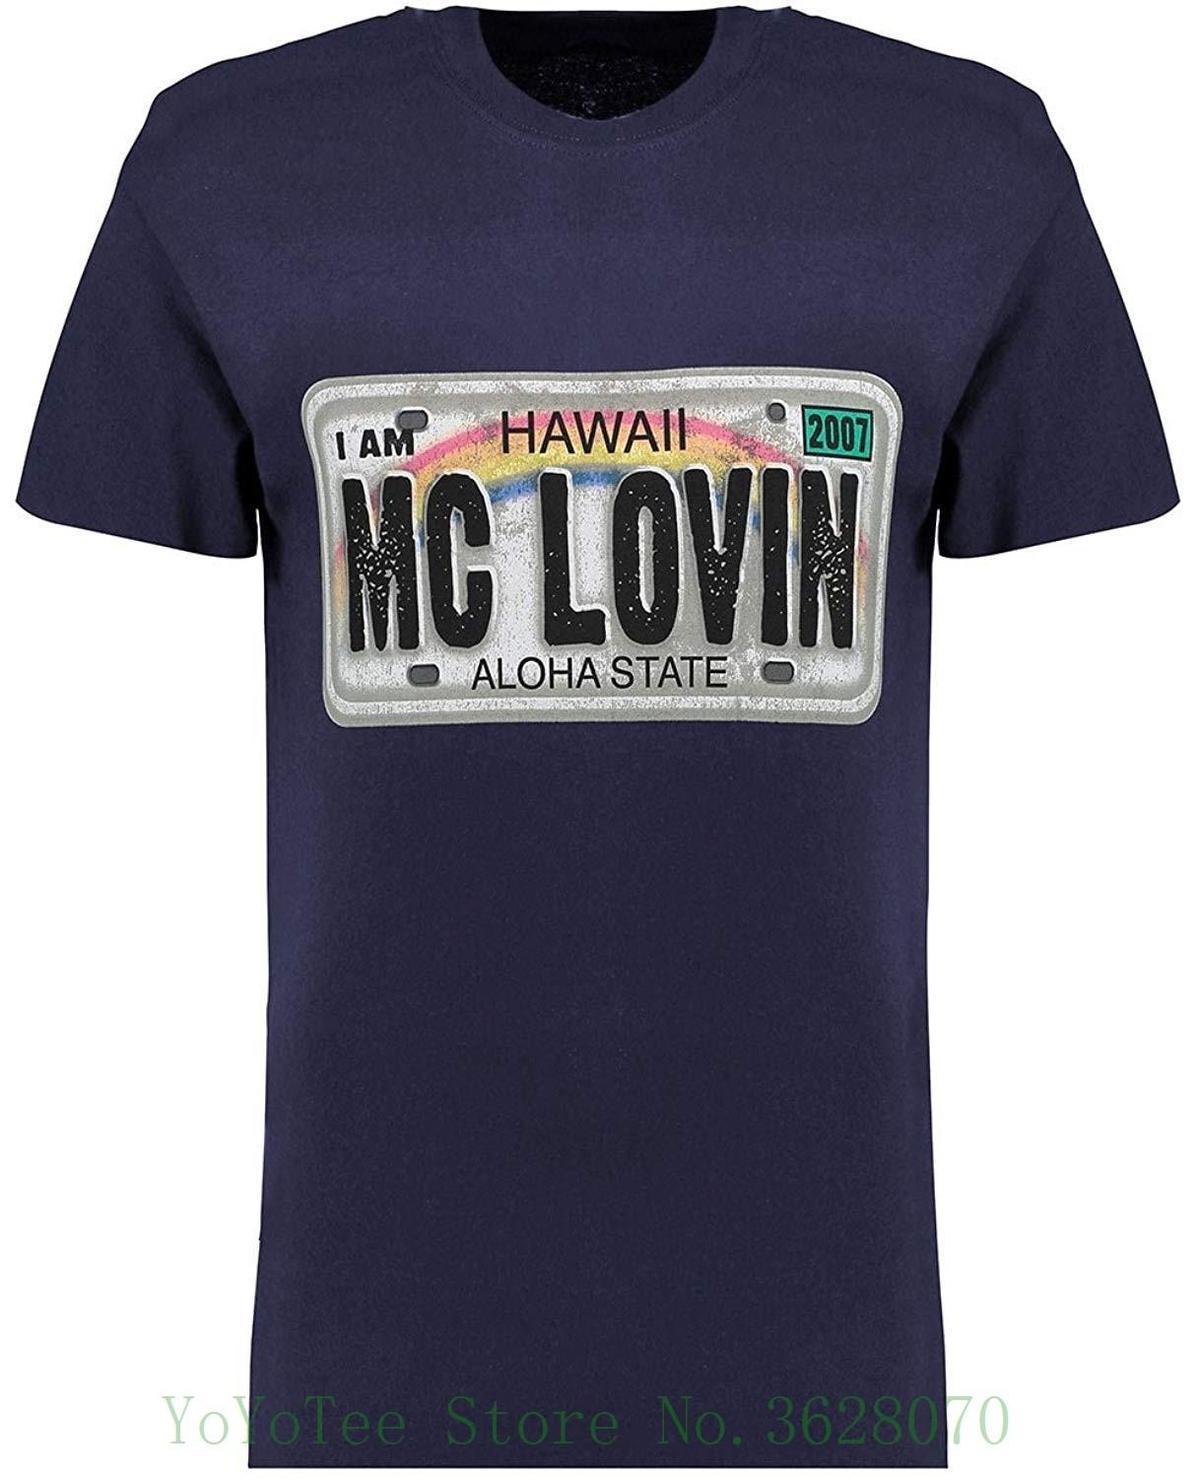 online retailer ffbea cd185 marken shirts sale